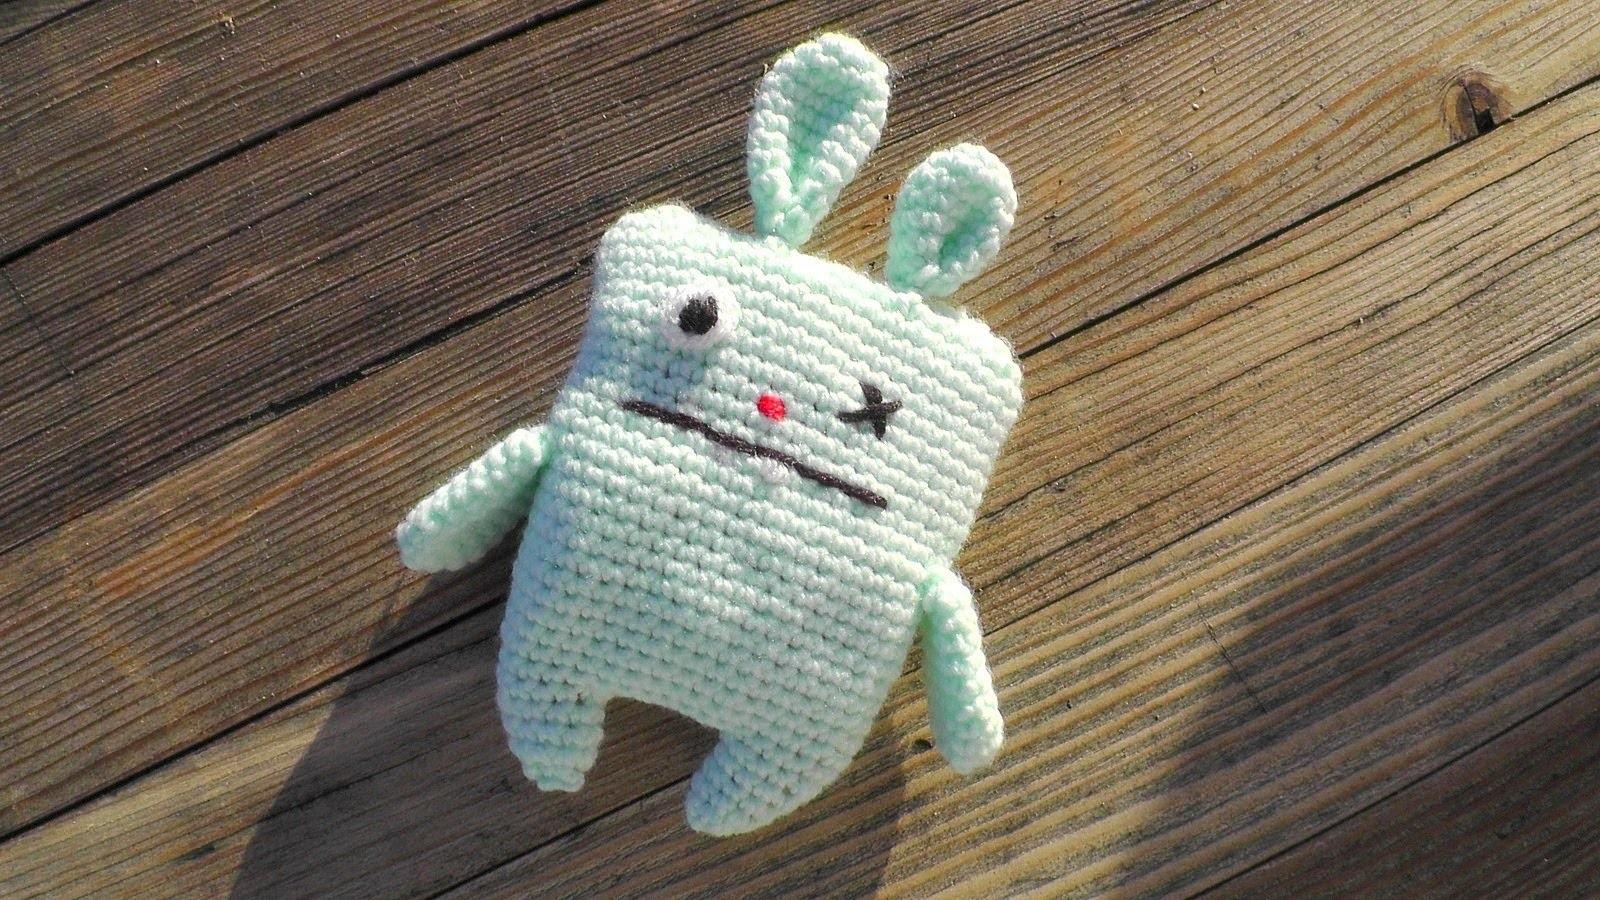 Amigurumi Hakeln Linkshander : Ugly Bunny Amigurumi Hakelanleitung [Fortgeschrittene ...